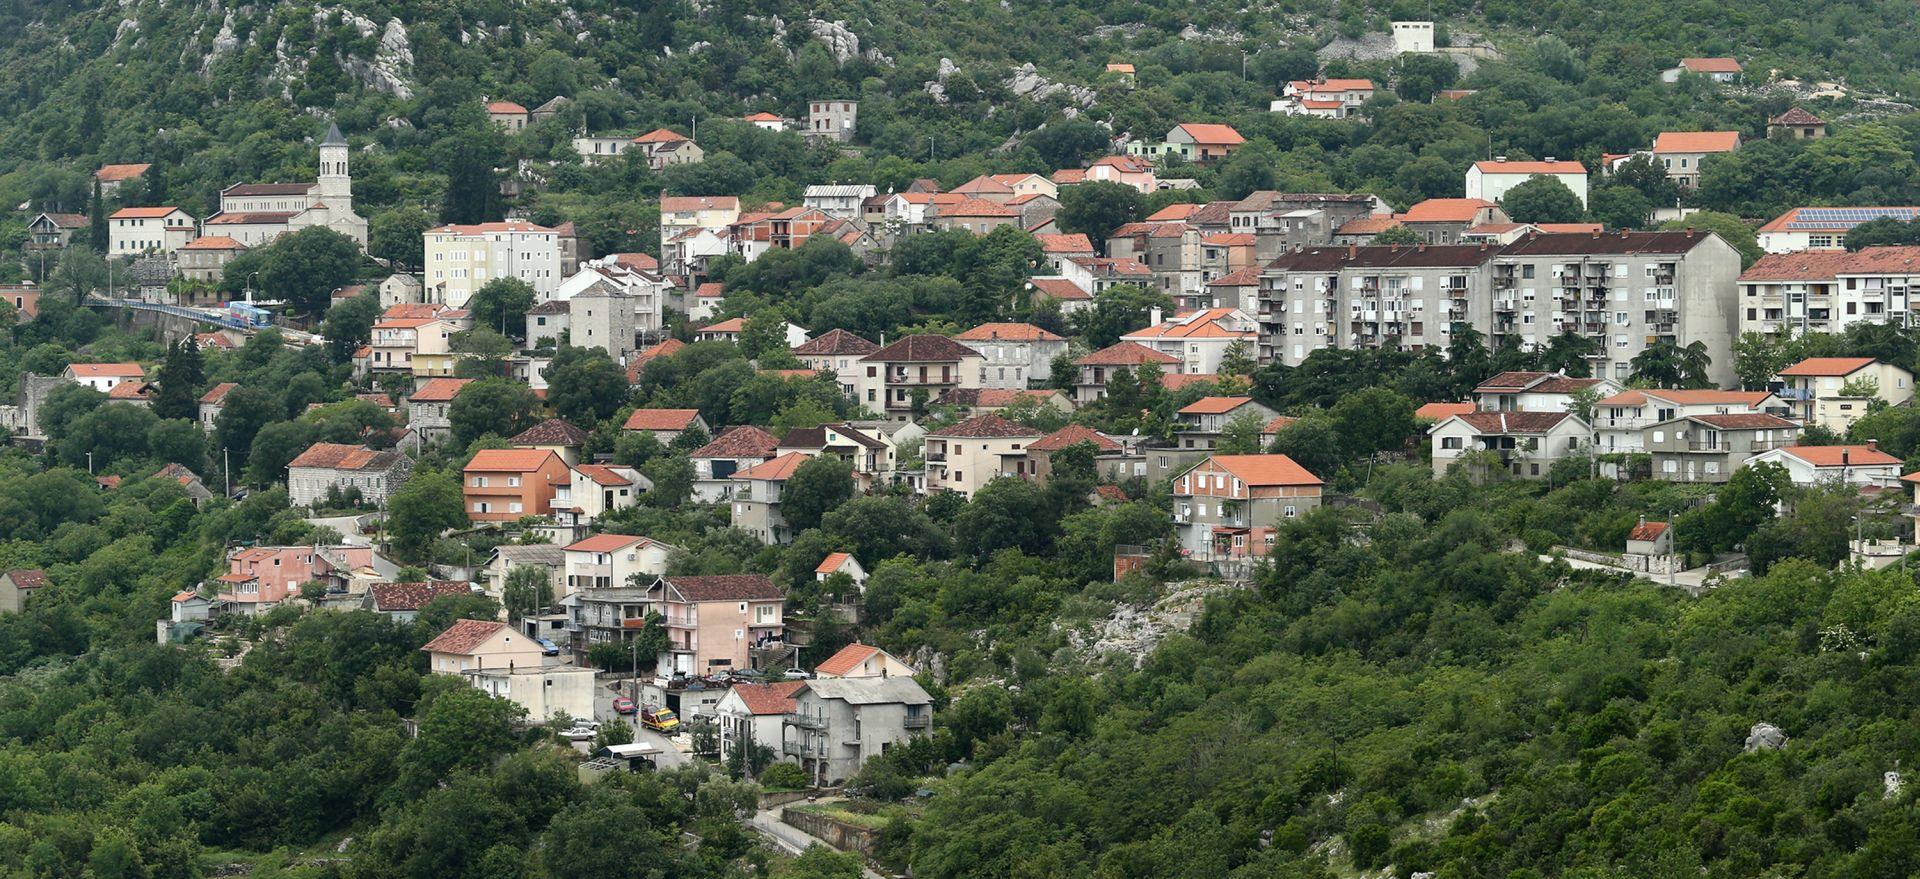 Vrgorac napokon dobio gradski proračun od 16,6 milijuna kuna